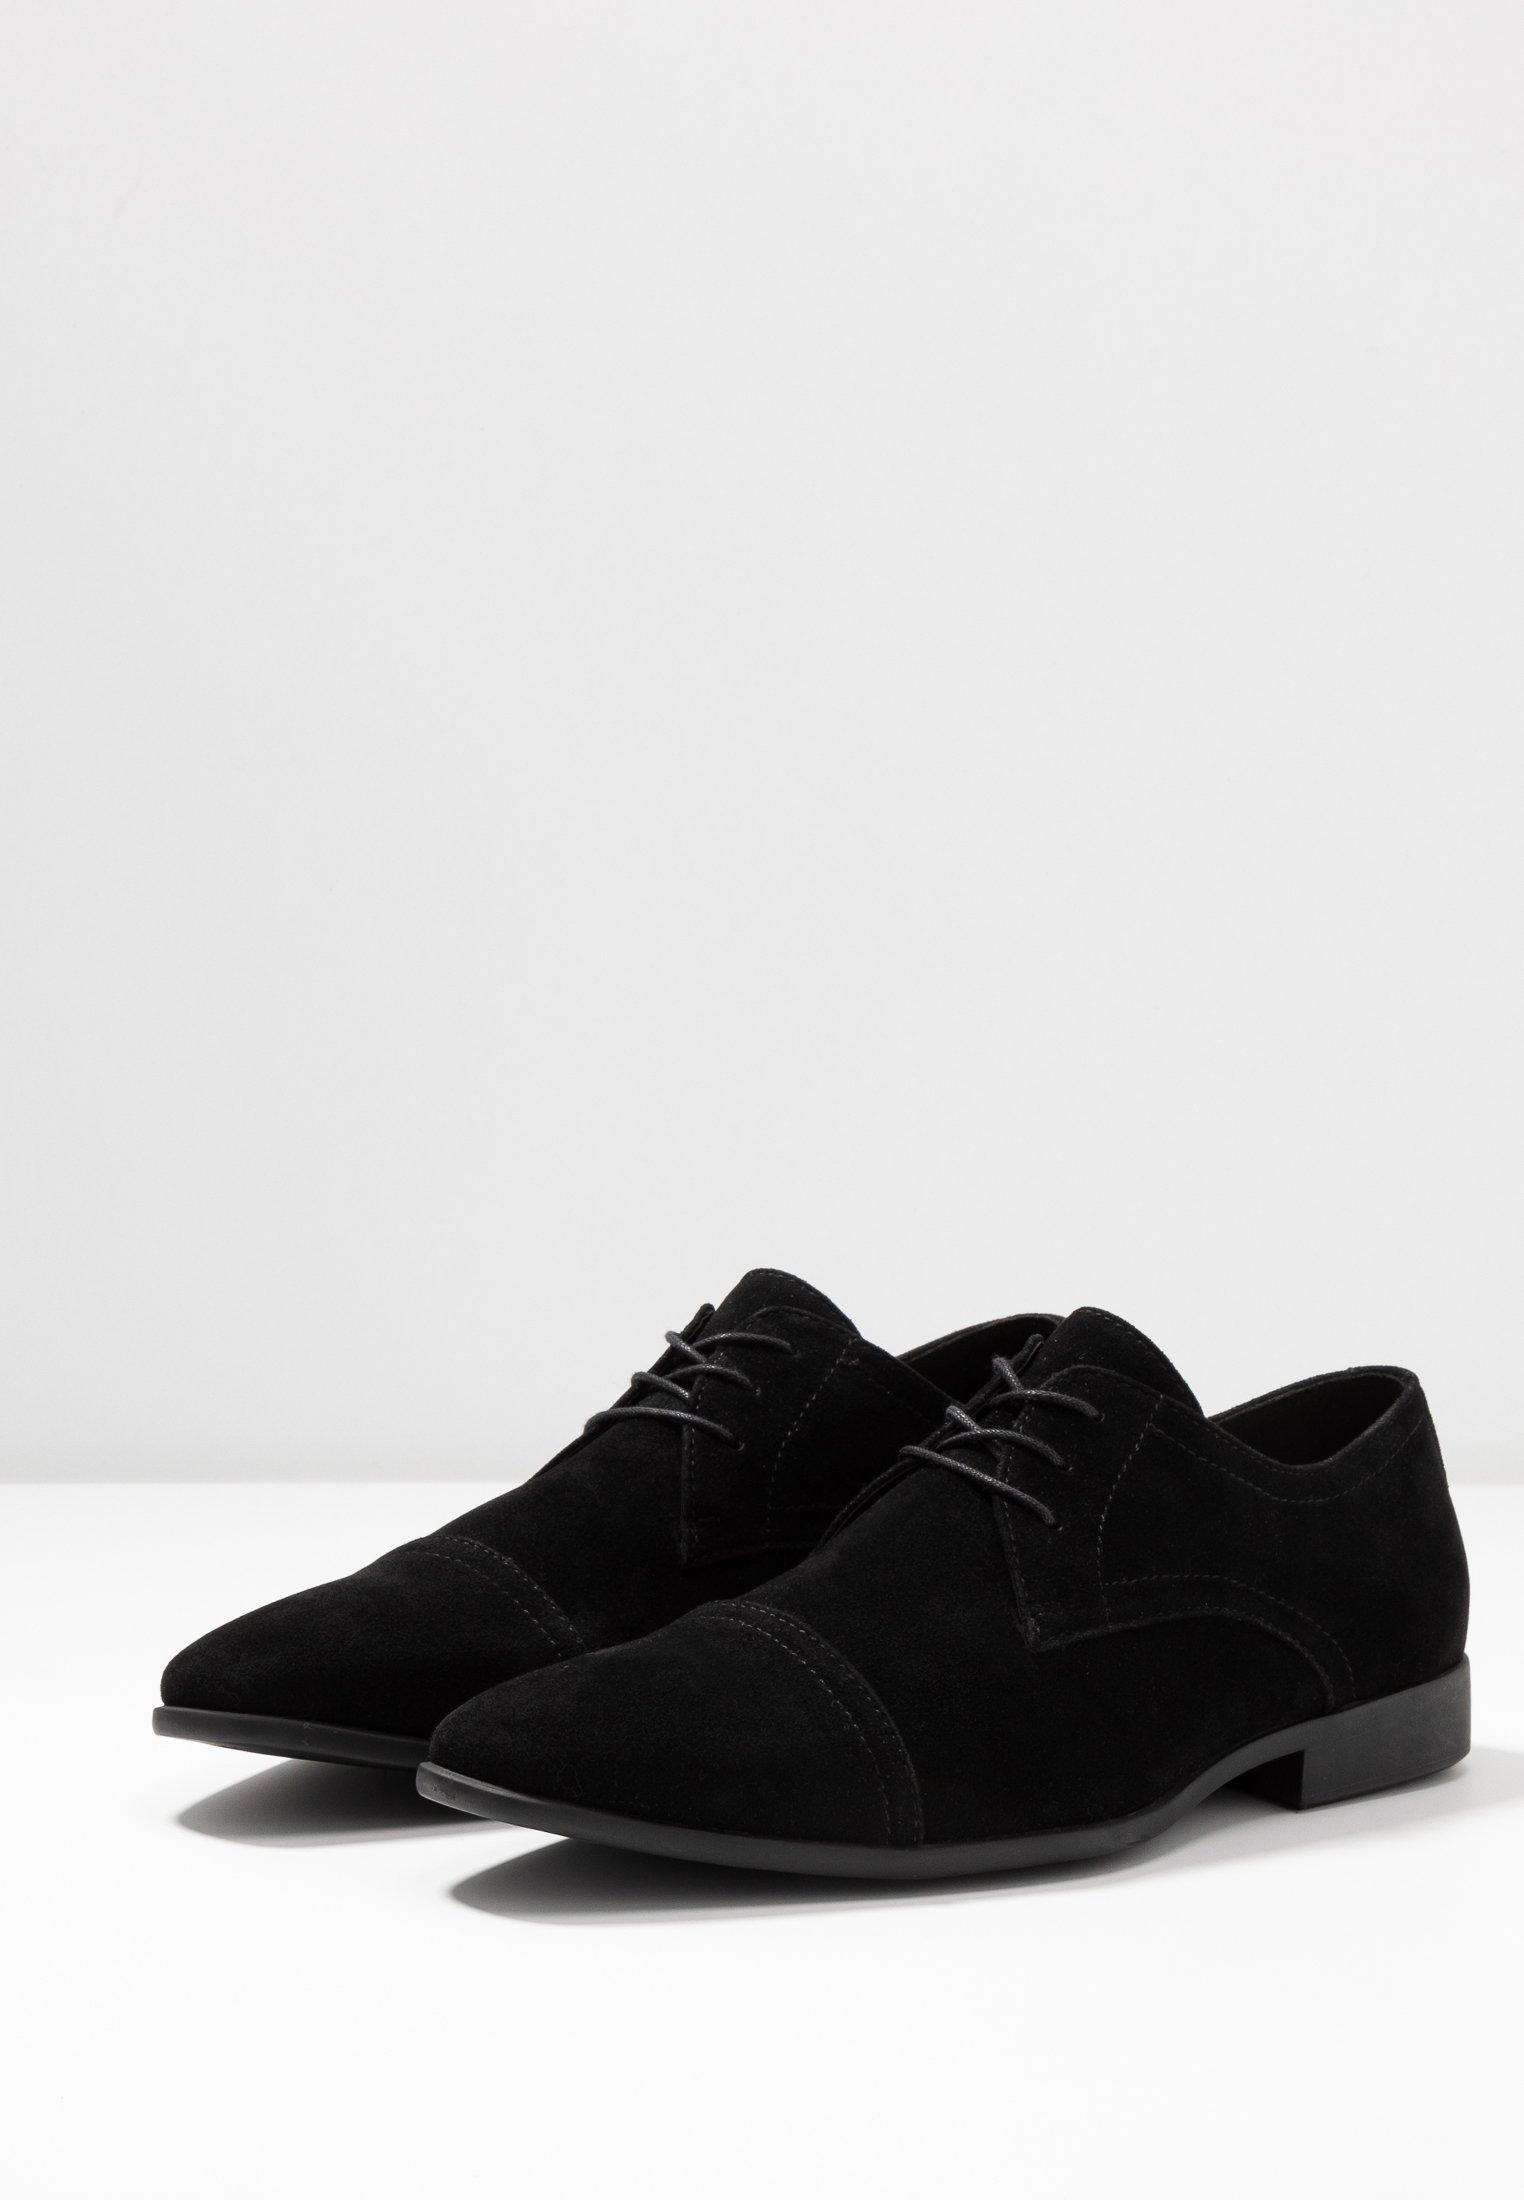 Pier One Derbies & Richelieus - Black